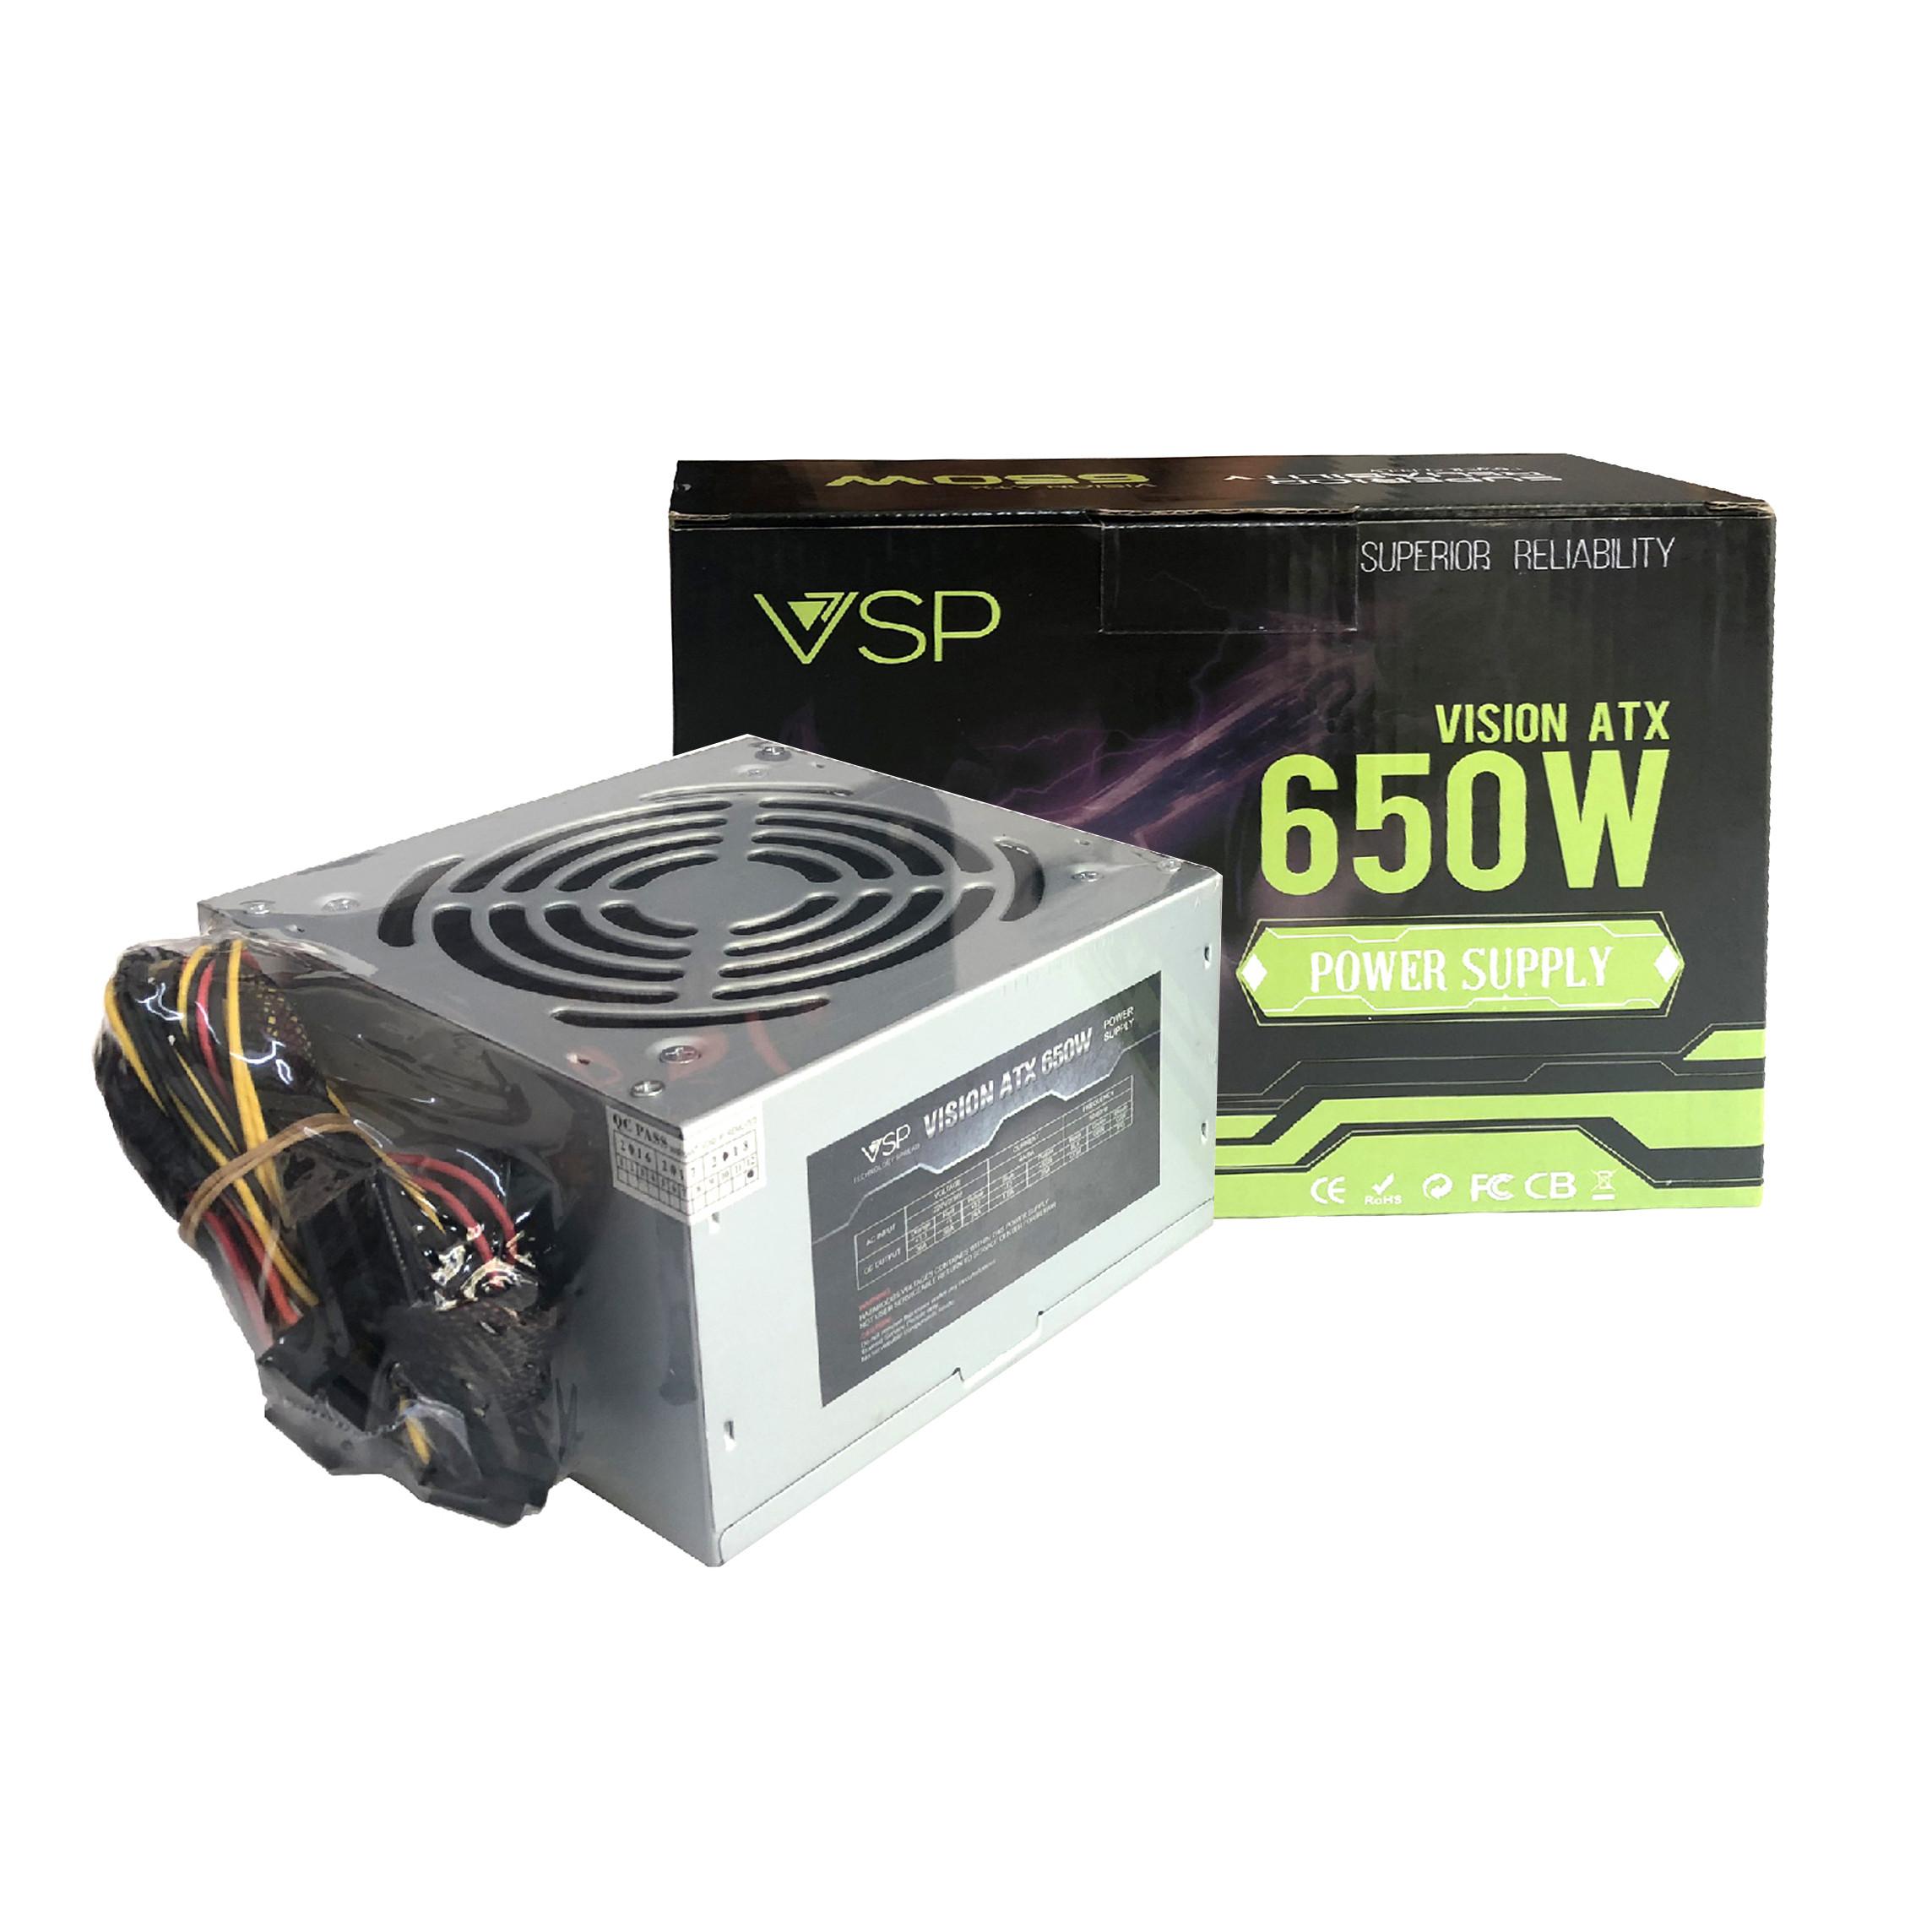 Nguồn VSP 650W Full Box - Kèm Dây Nguồn - Hàng Chính Hãng - Nguồn ...